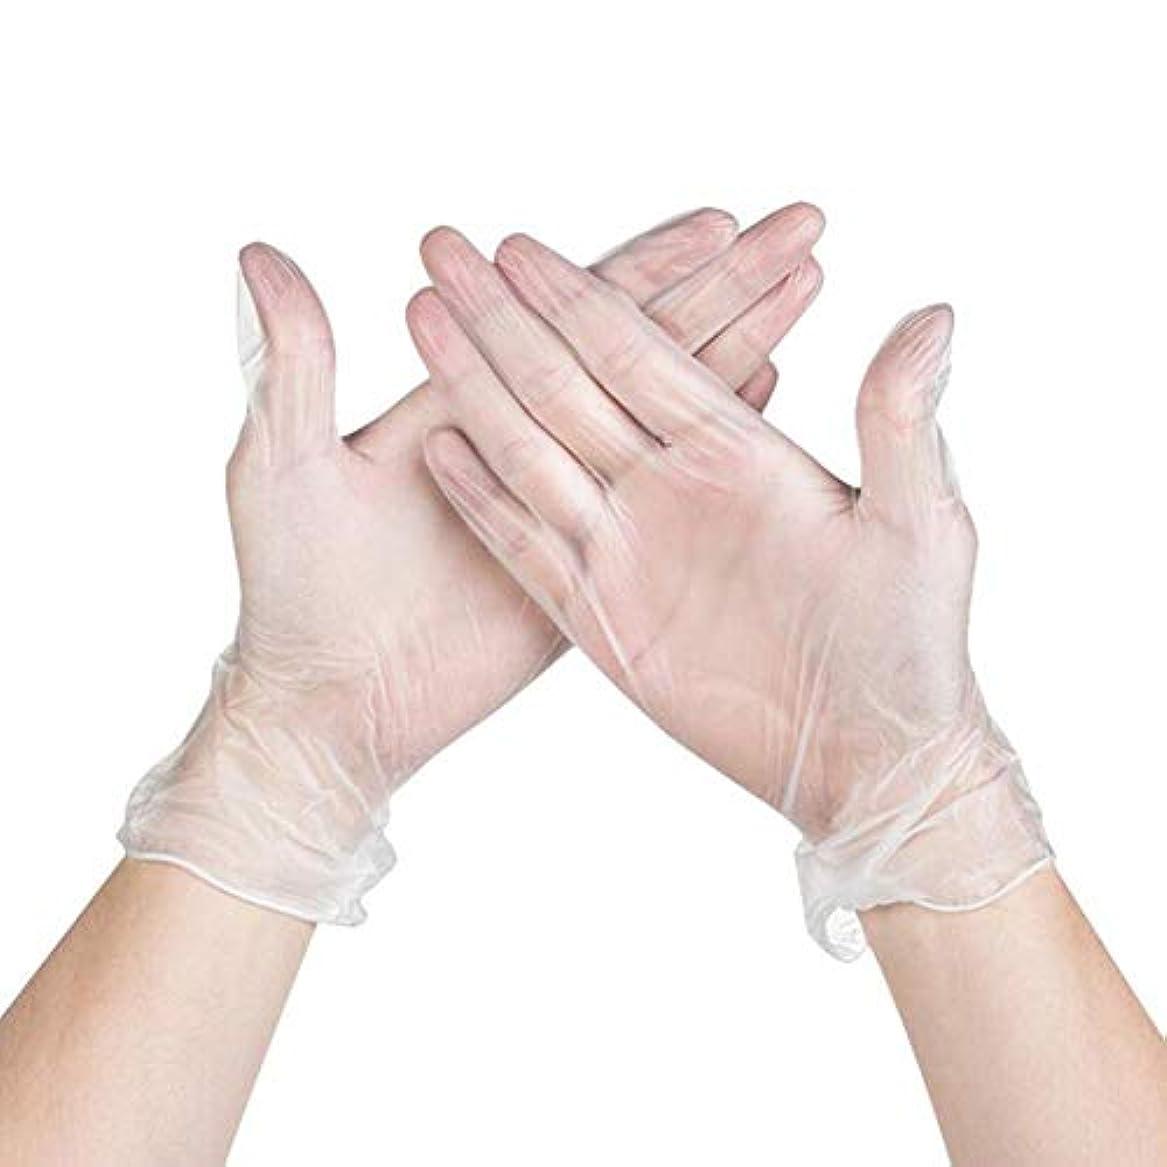 謝罪する不機嫌熱帯のRaiFu 使い捨て手袋 パウダーフリー 防水 オイル耐性 透明 PVC手袋 100個 透明 XL